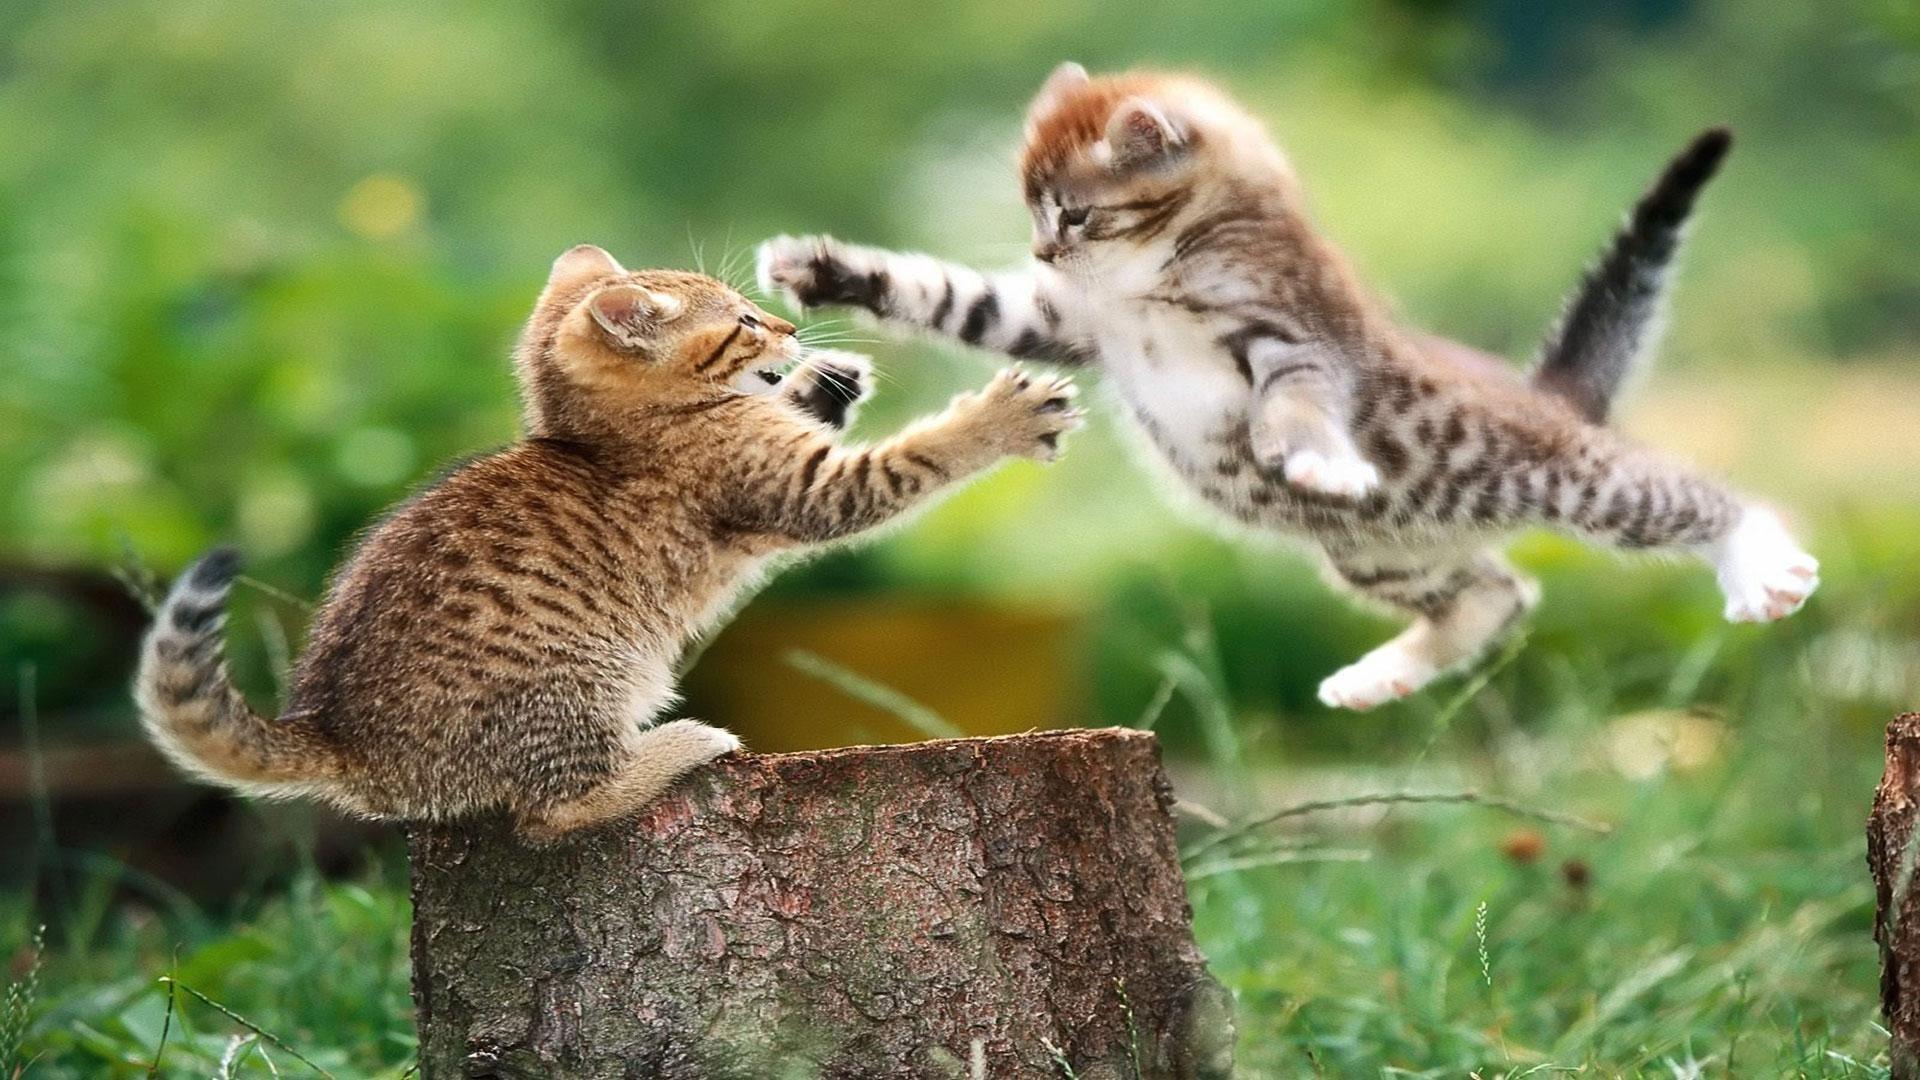 hd cute cat and dog pics wallpaper